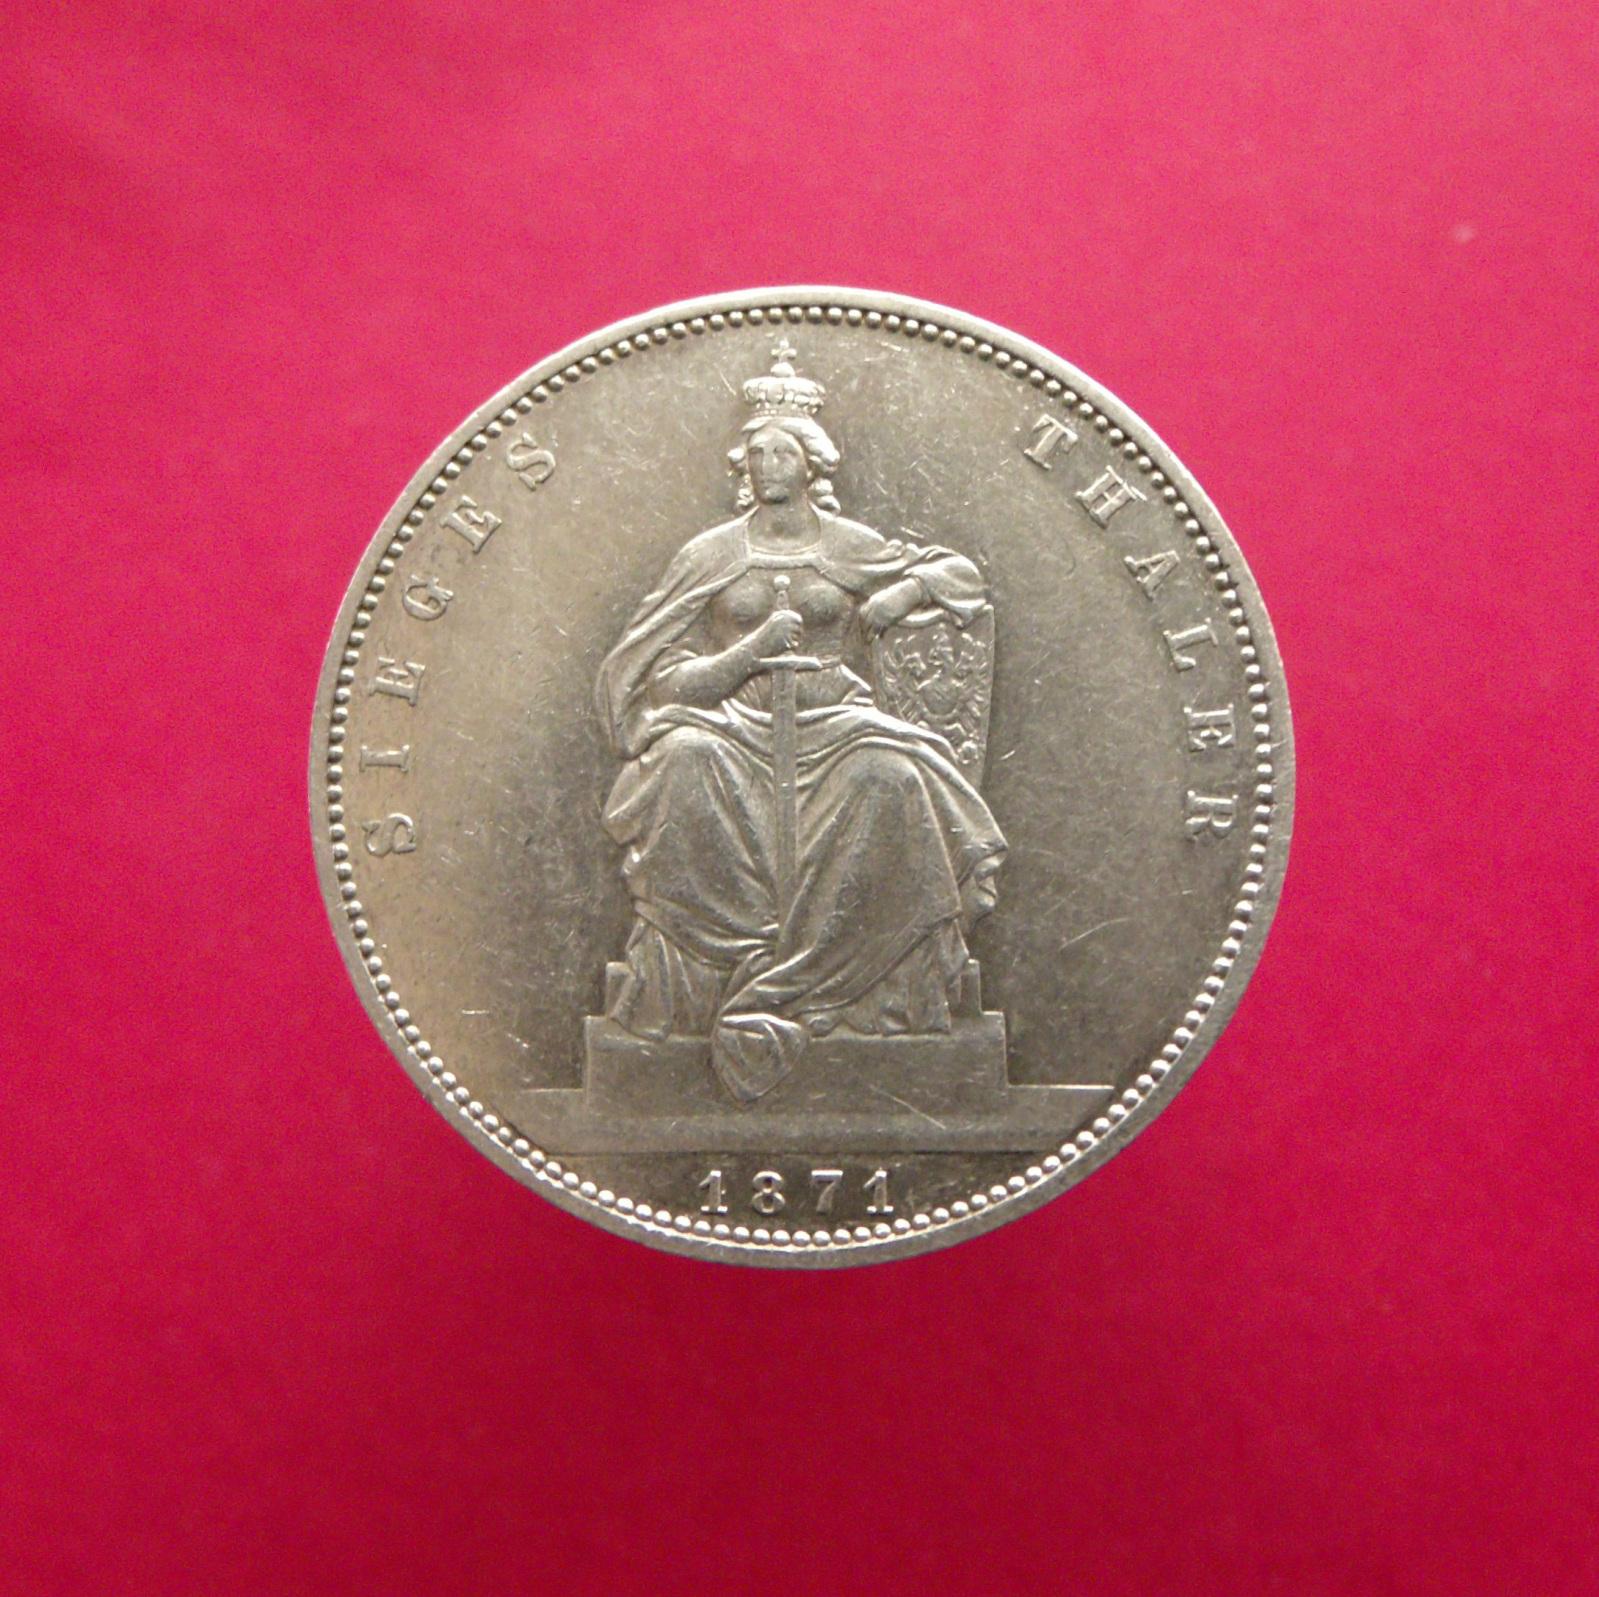 Alemania. Monedas del Reino de Prusia (1701-1918) - Página 1 2h4c38k